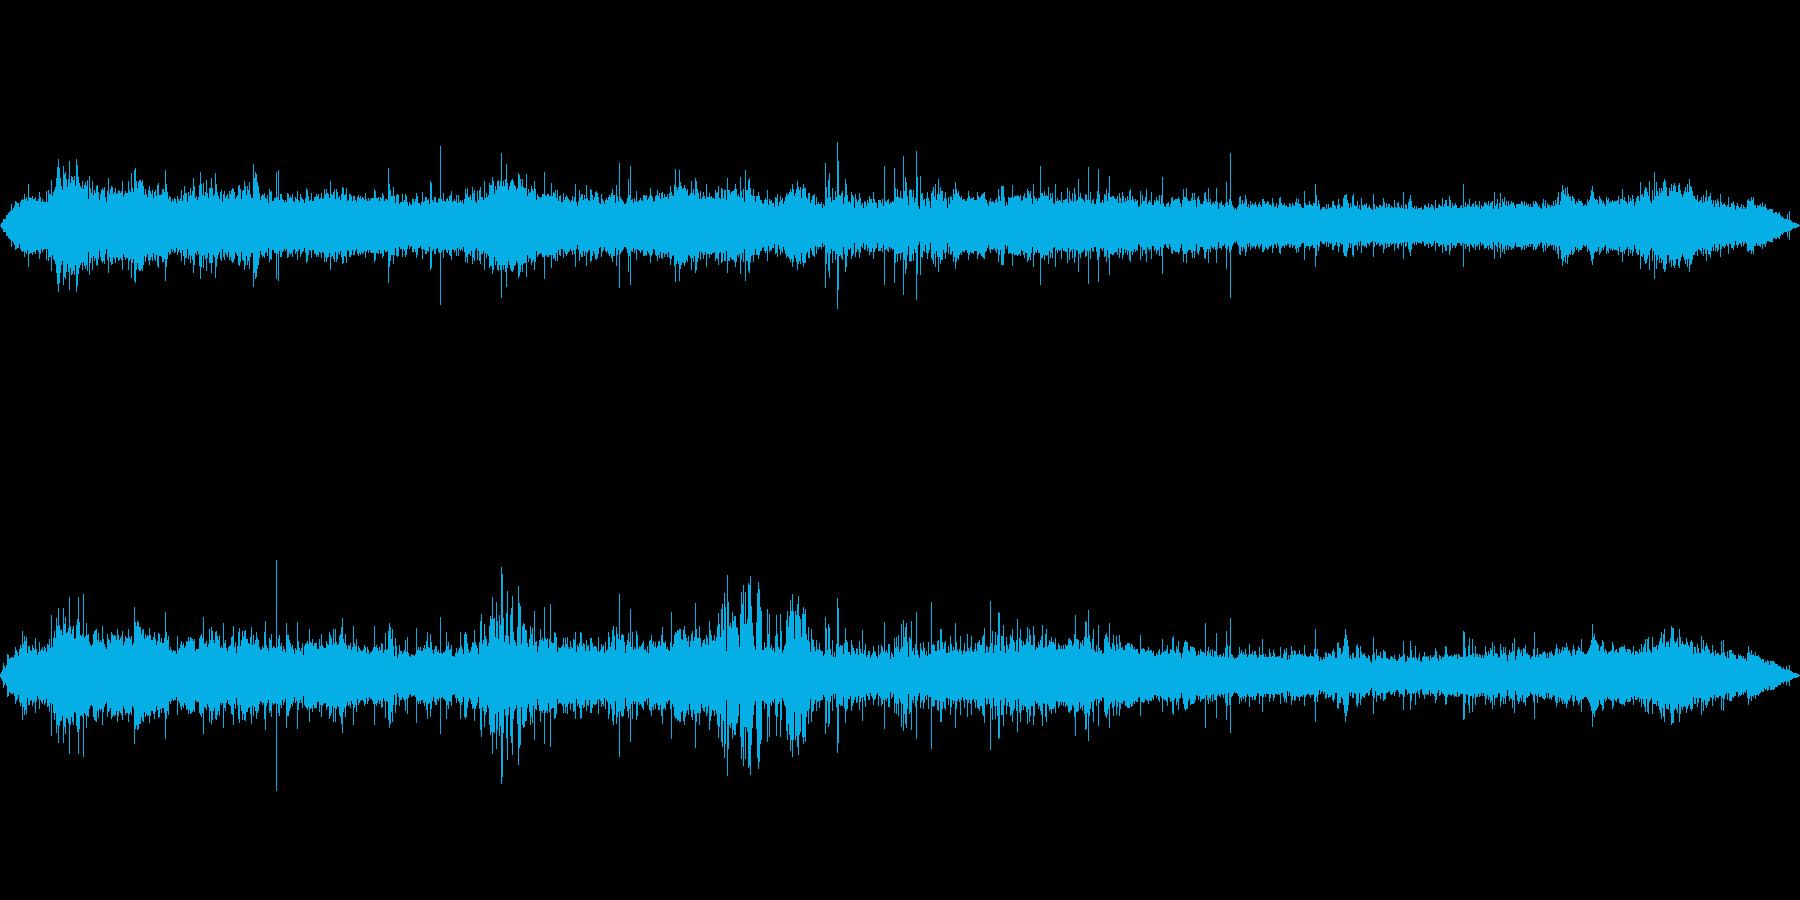 【環境音】渋谷/雑踏(バイノーラル録音)の再生済みの波形